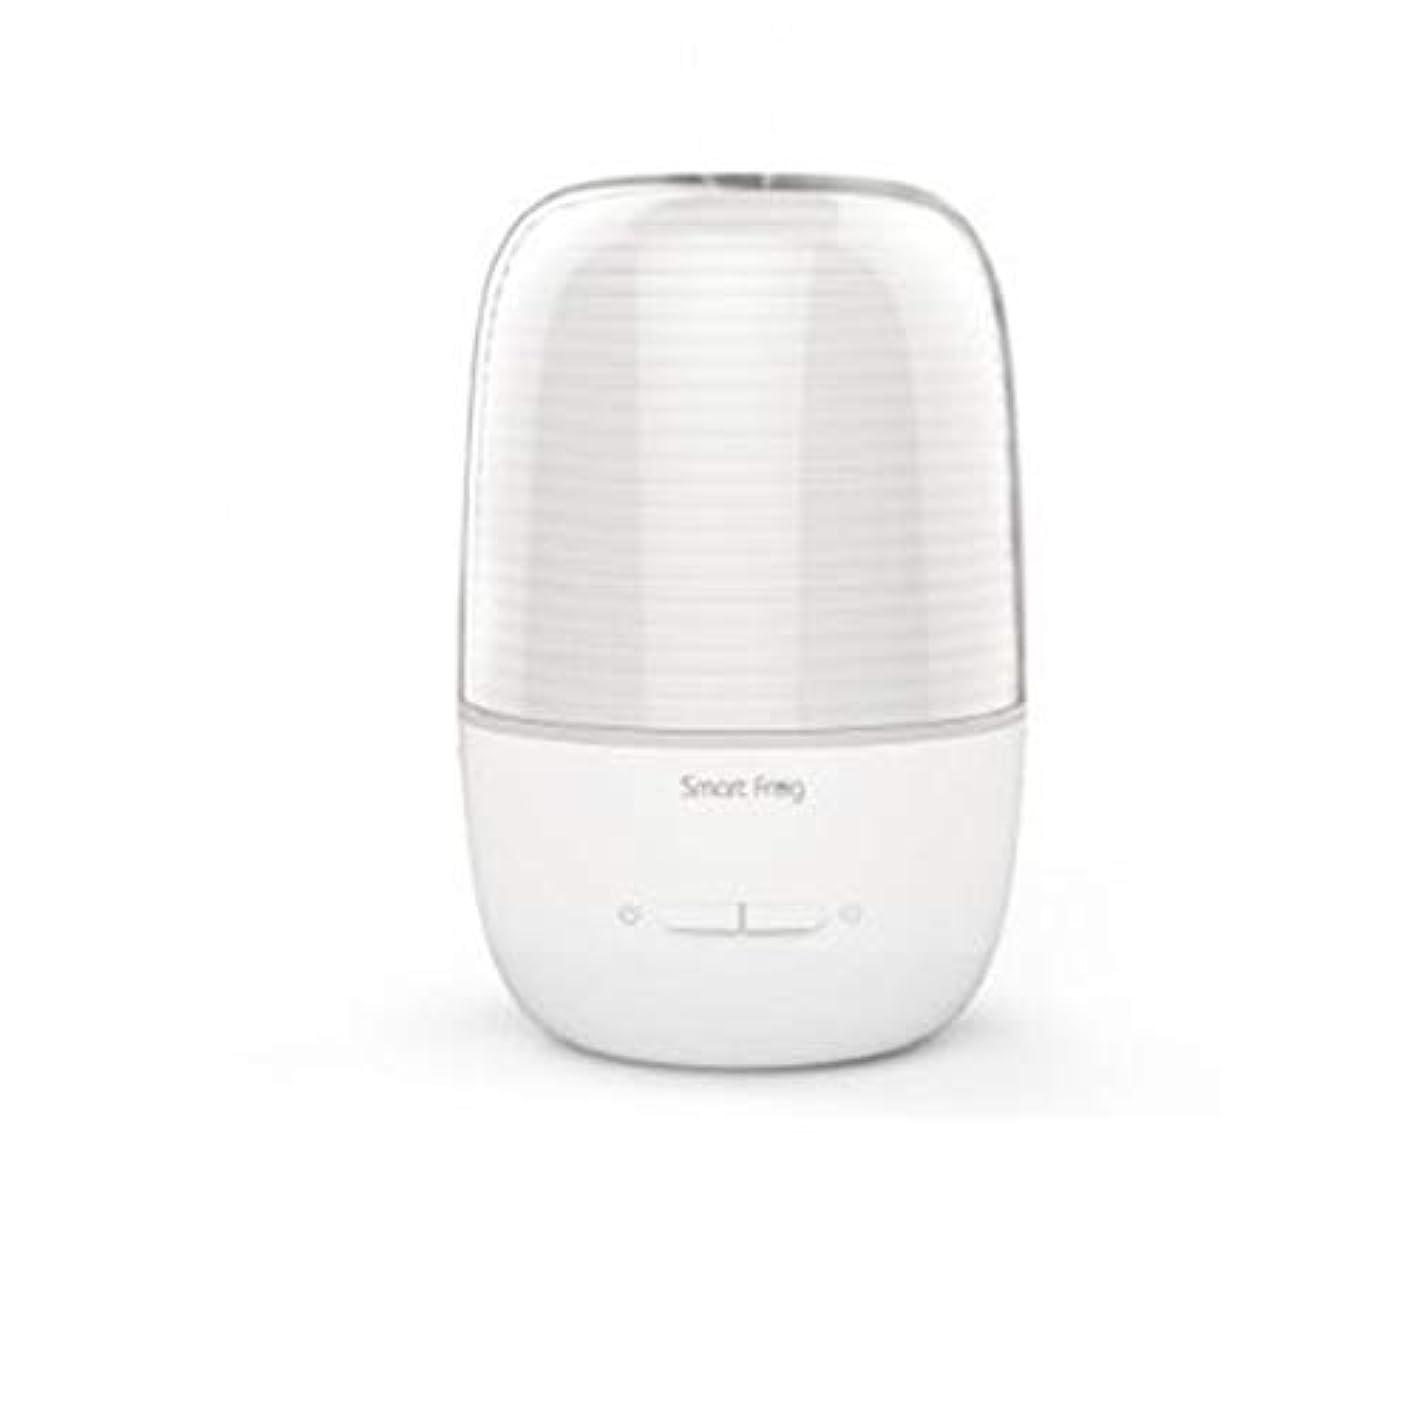 時計回り見る激怒130ml超音波冷たい霧の加湿器の変更家のヨガのオフィスの鉱泉の寝室の拡散器 (Color : White)